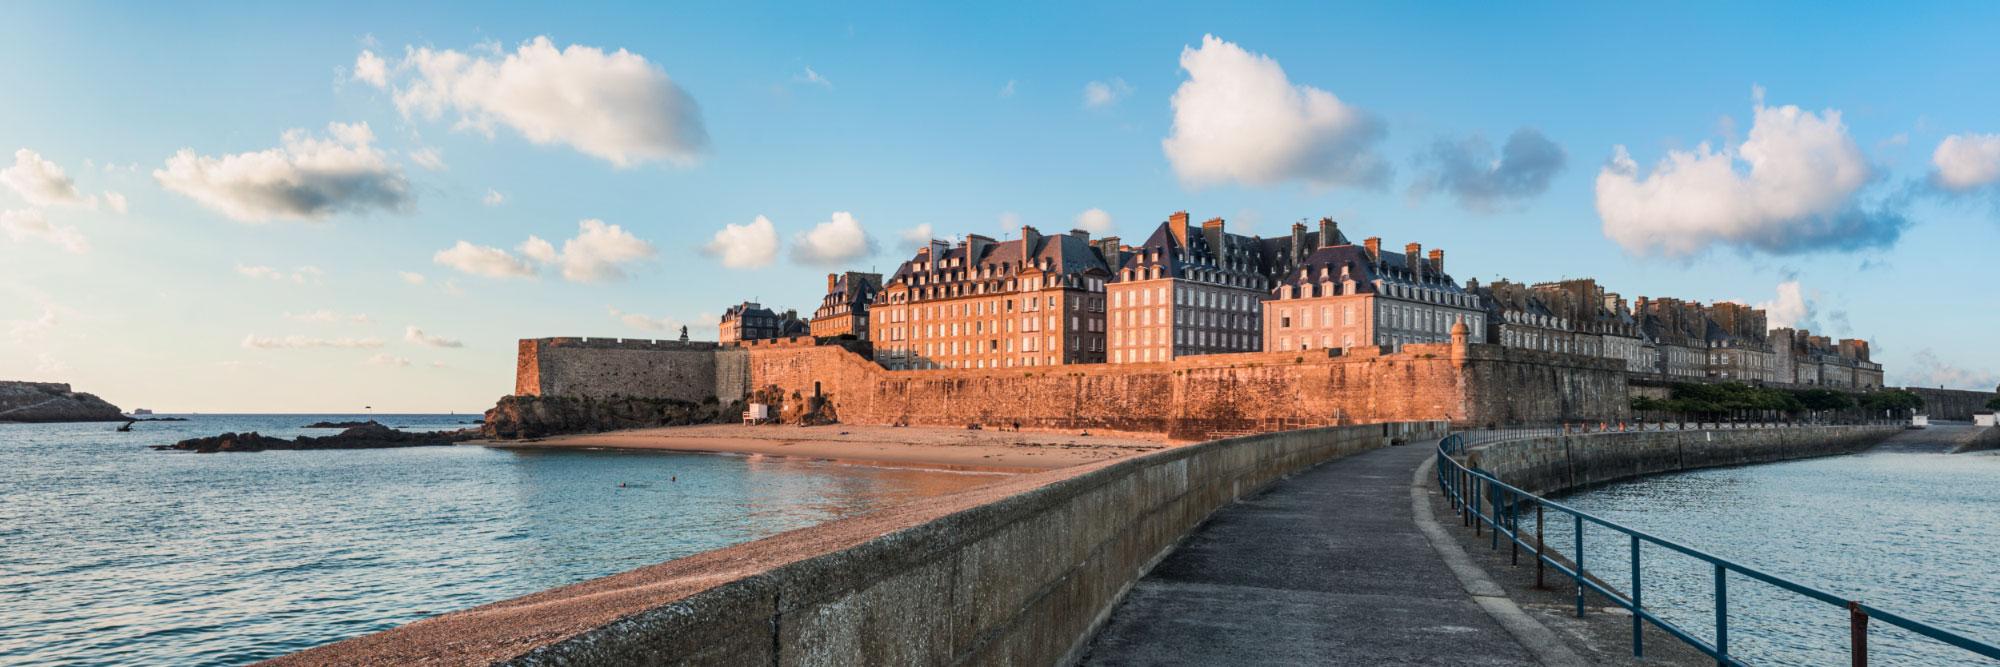 Protégée par la digue, la plage du Môle, au pied des remparts de Saint-Malo